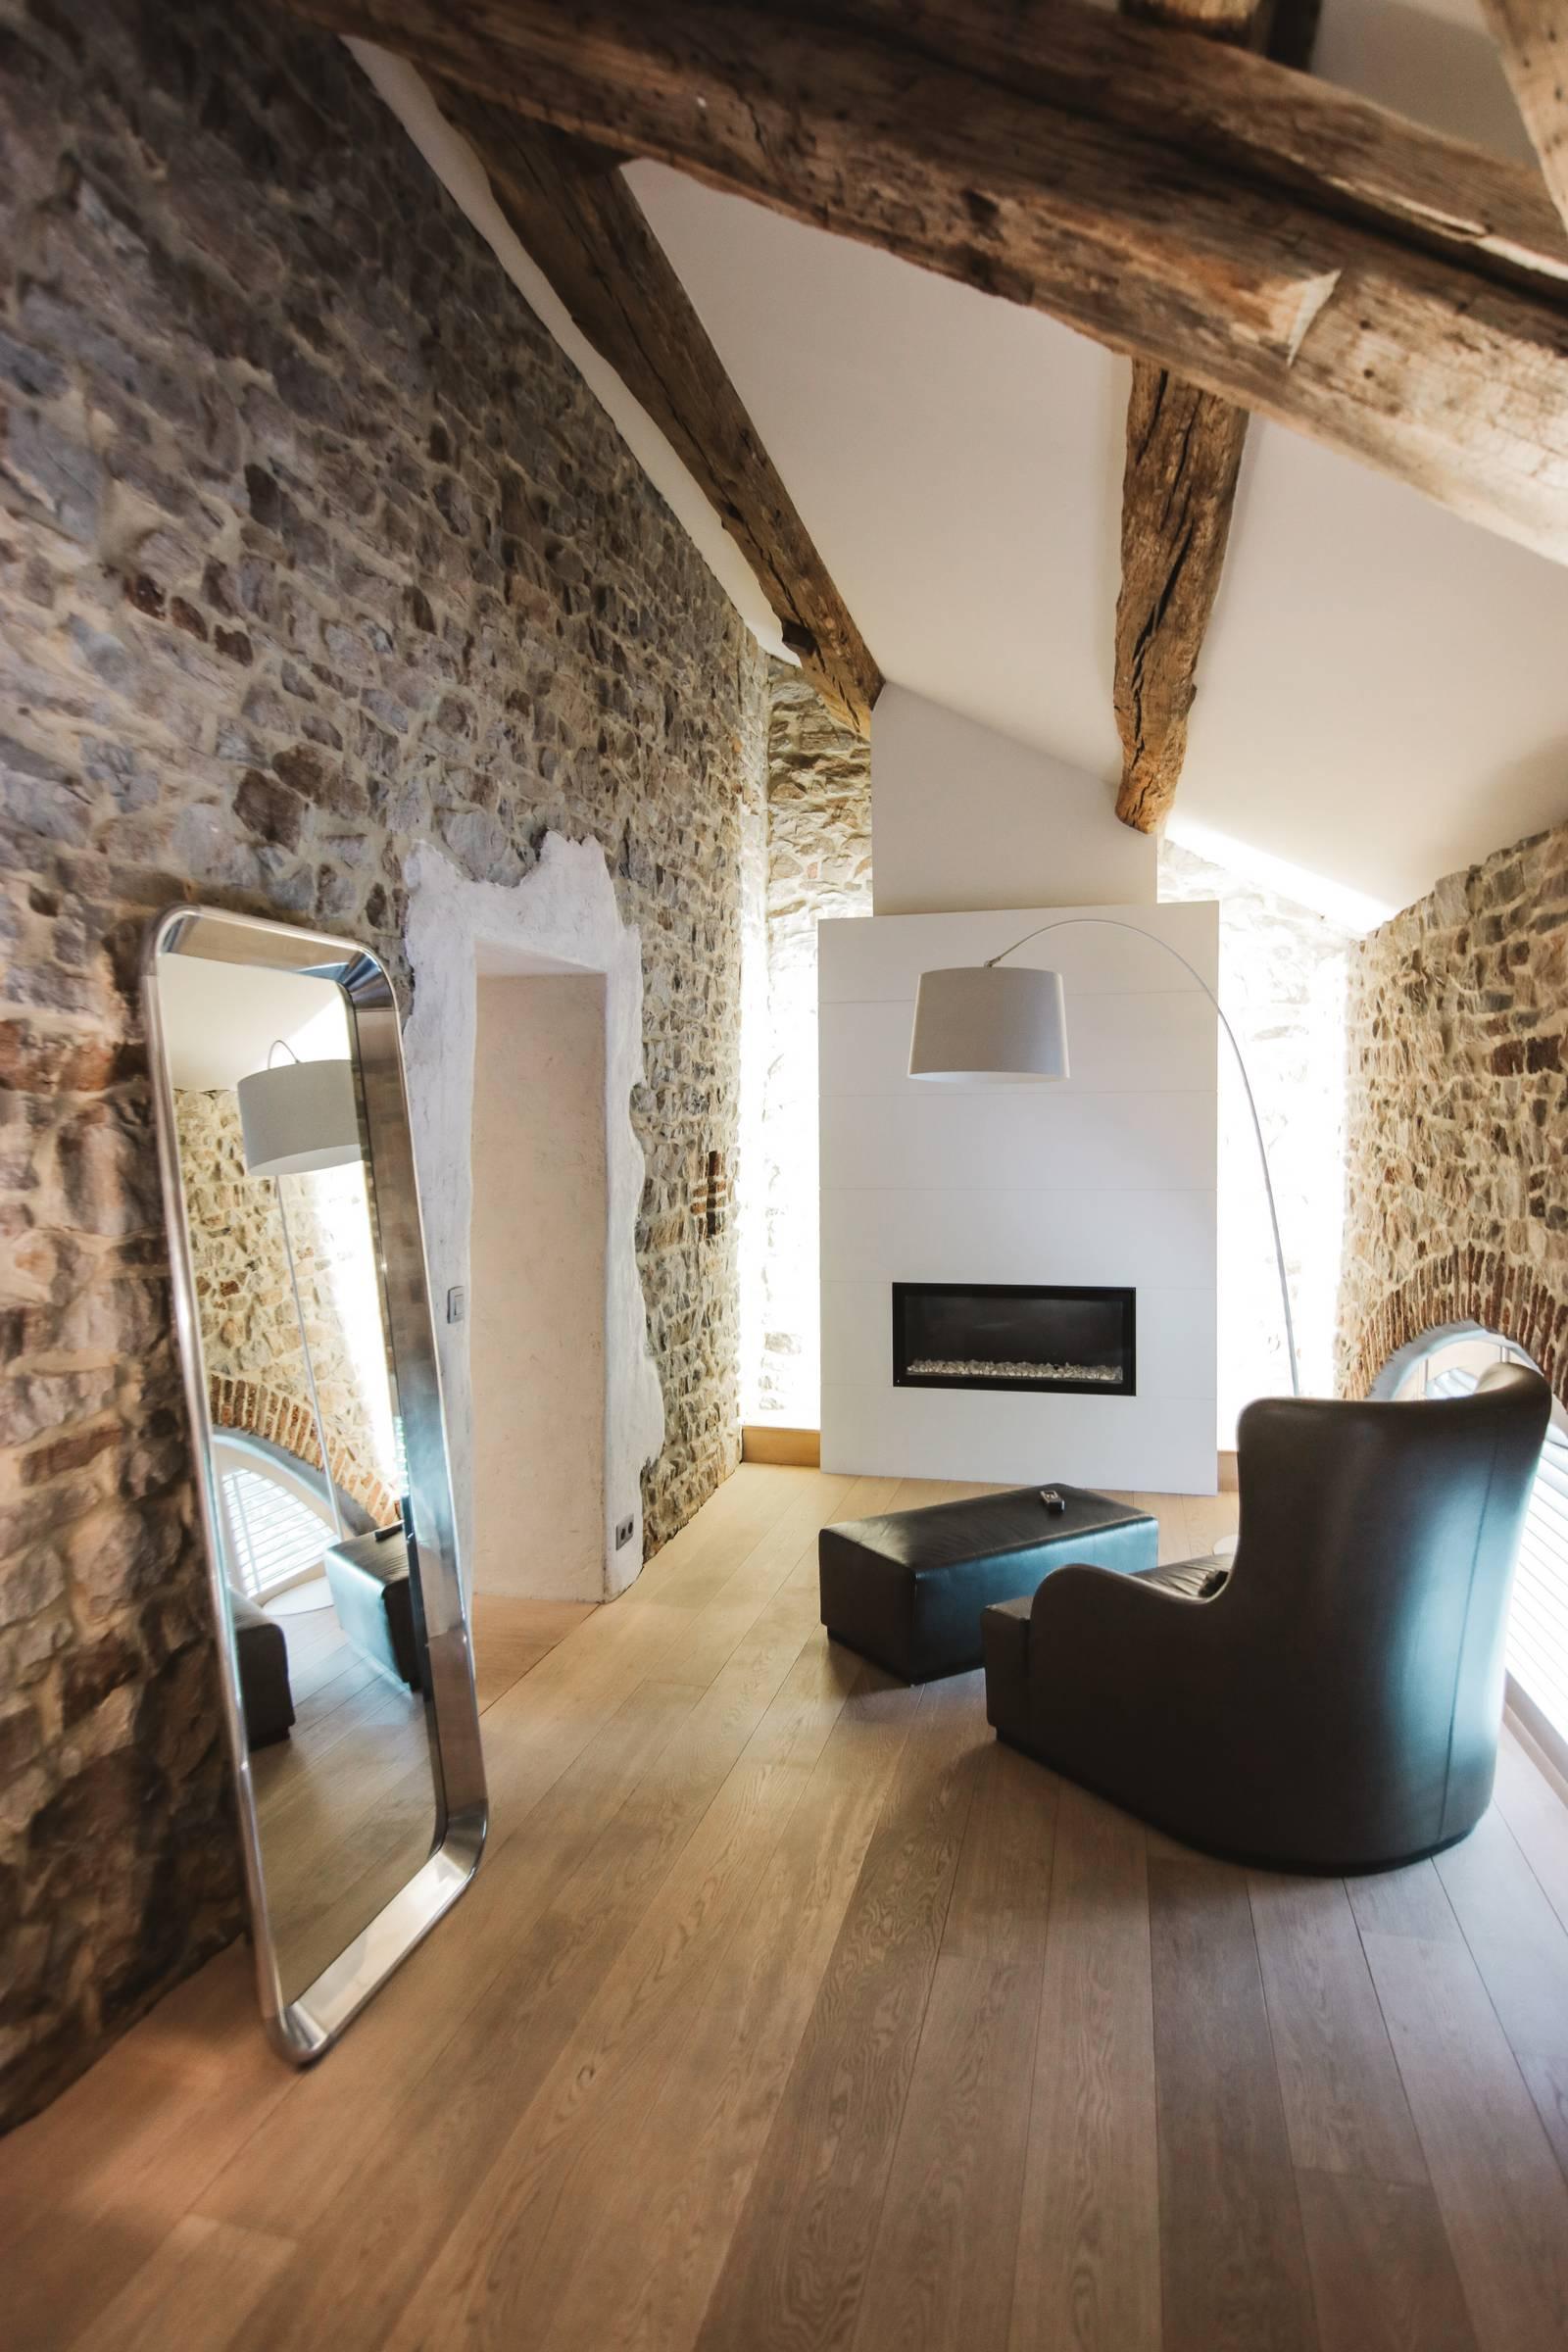 Ne5t hotel Namur